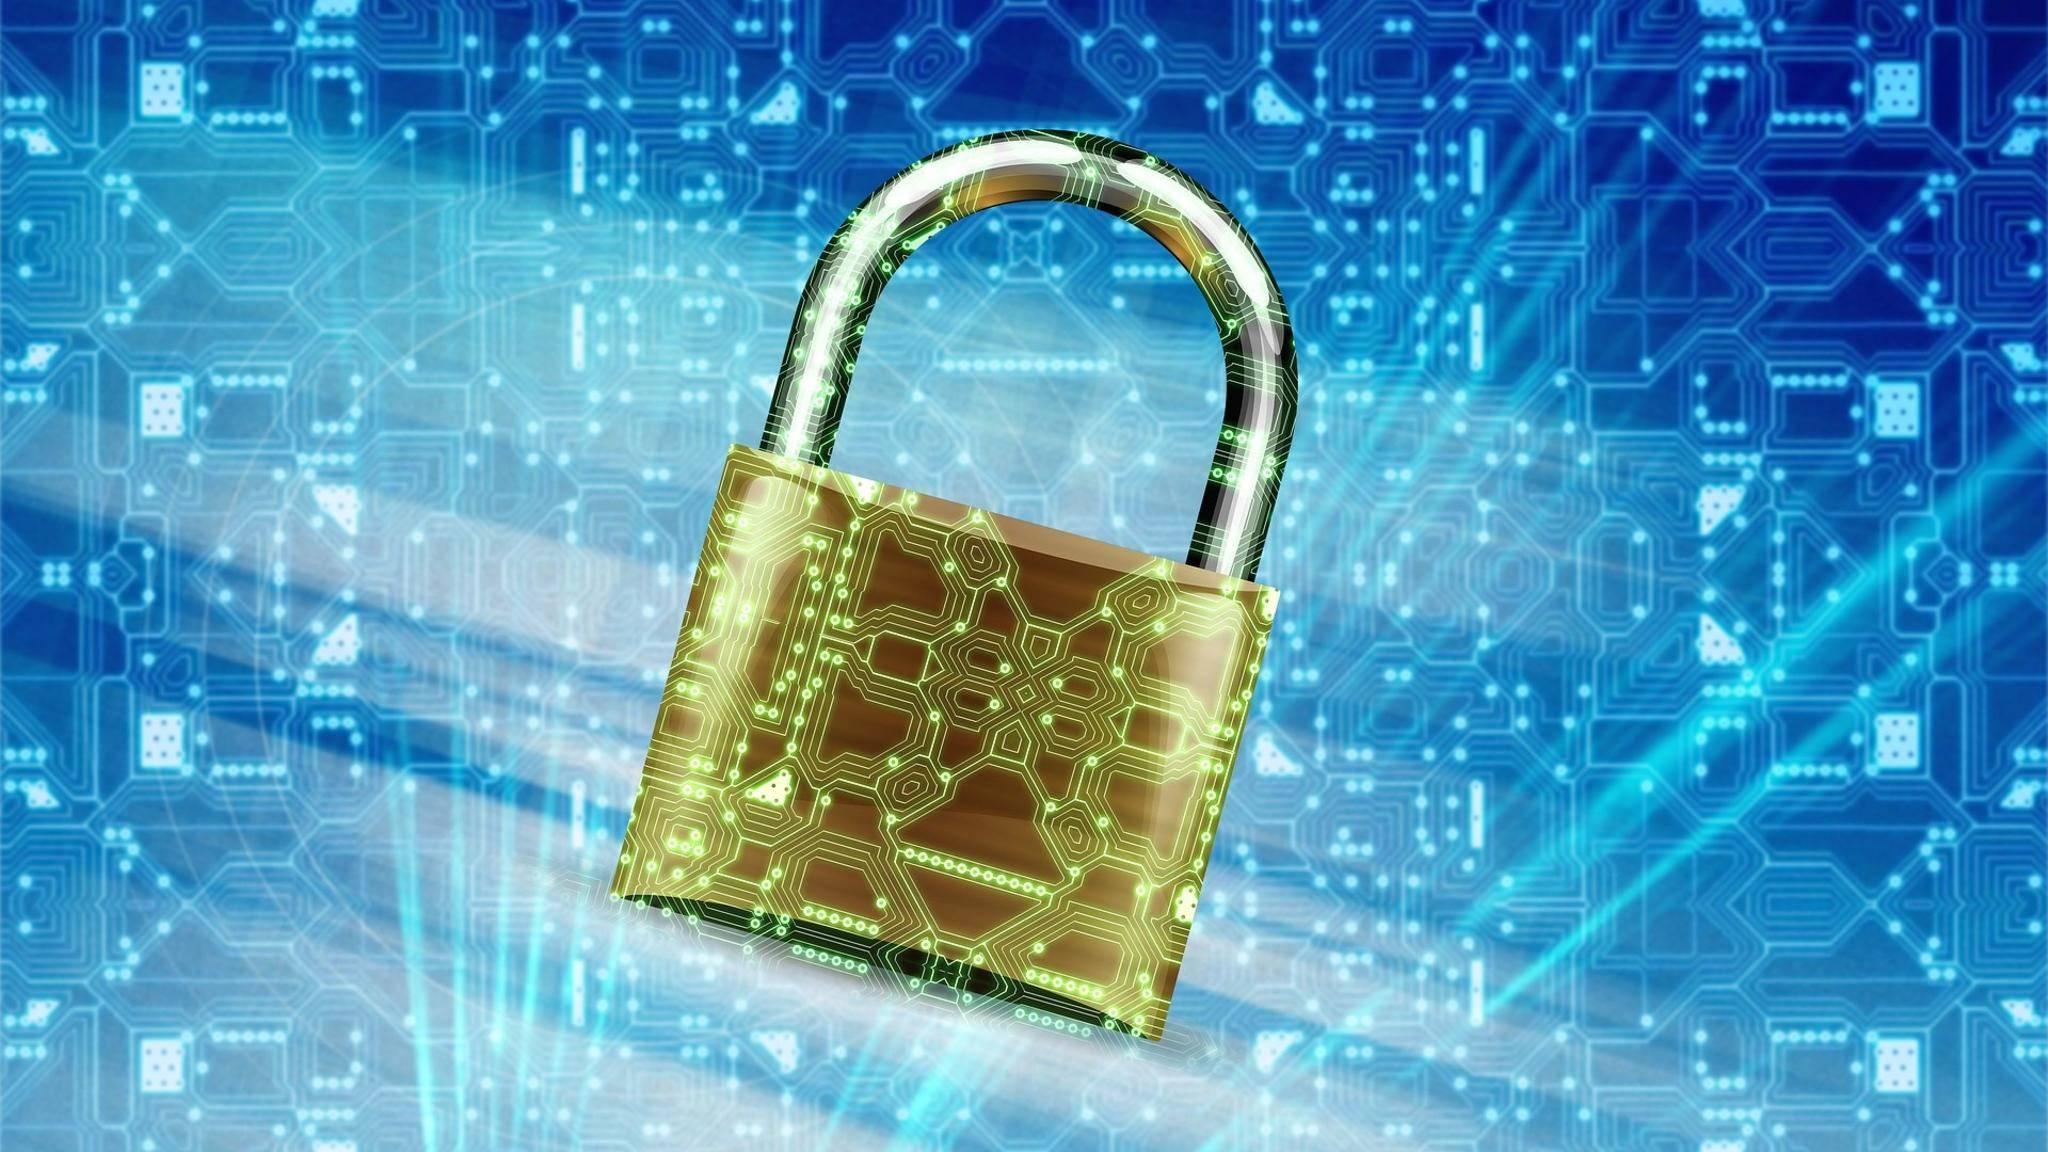 Die Forderung nach mehr als 10.000 Nutzerdaten stößt bei Datenschützern auf Kritik.